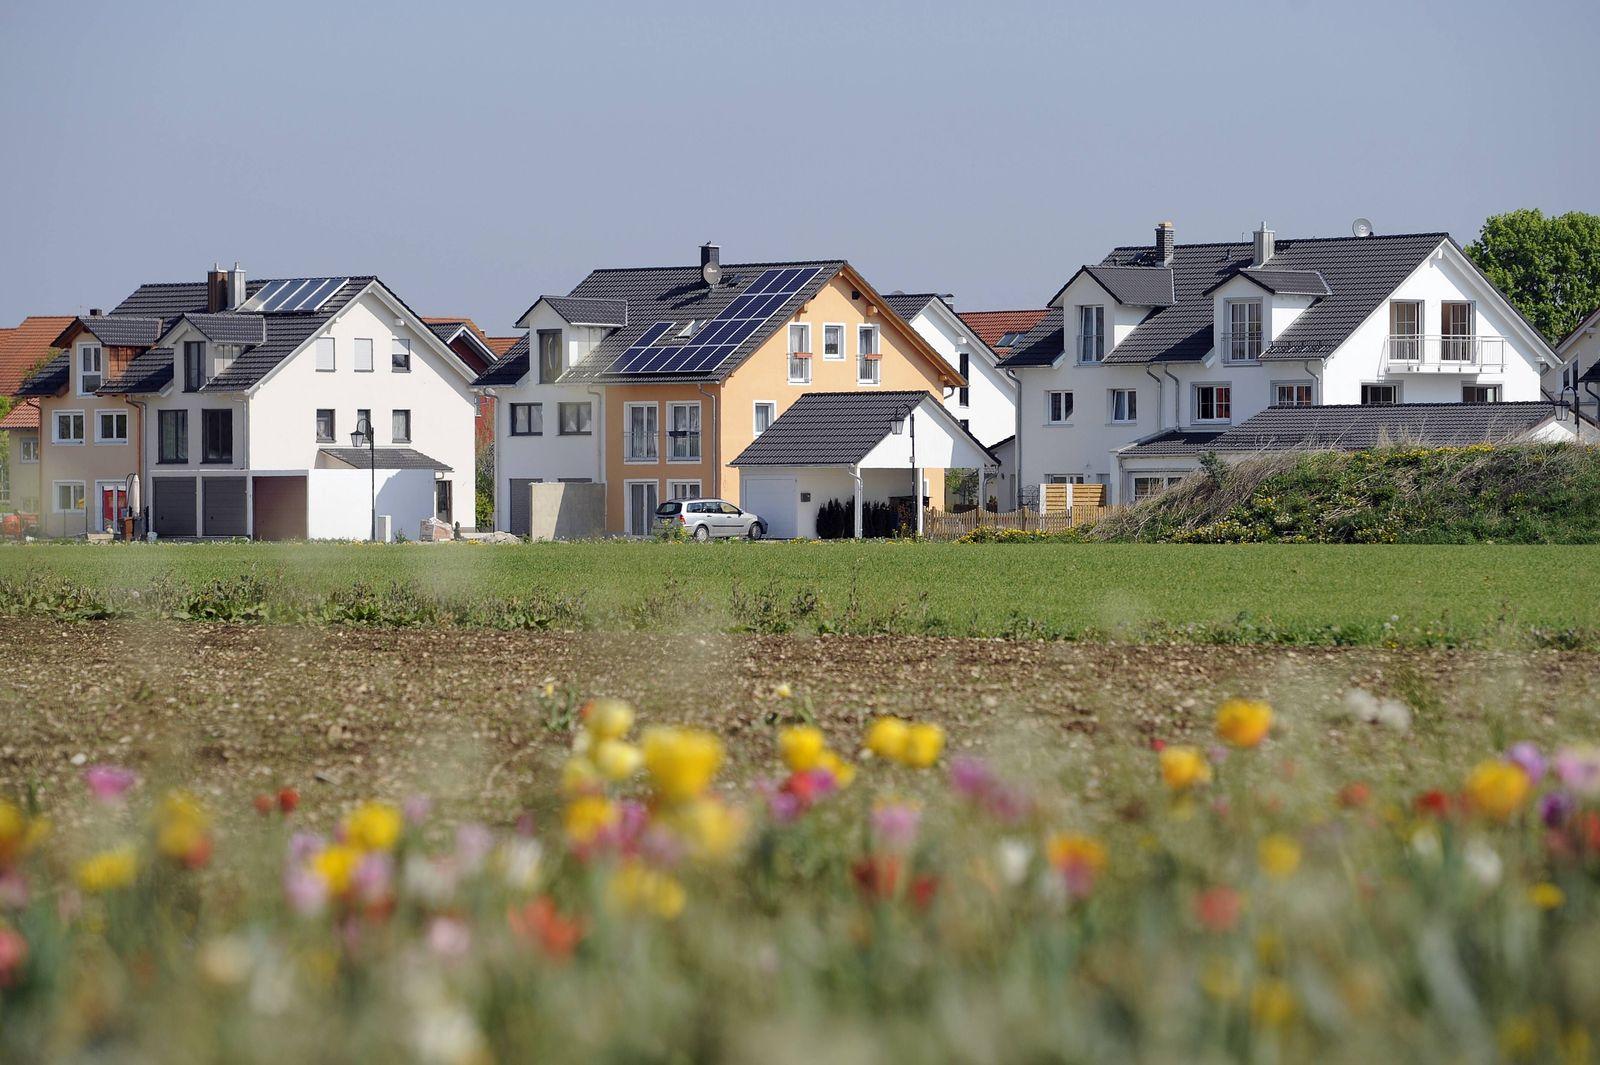 EINMALIGE VERWENDUNG Immobilien / Immobilie / Wohnungen / Mieten / München / Mietwohnungen / Familienhaus / Familienhäuser